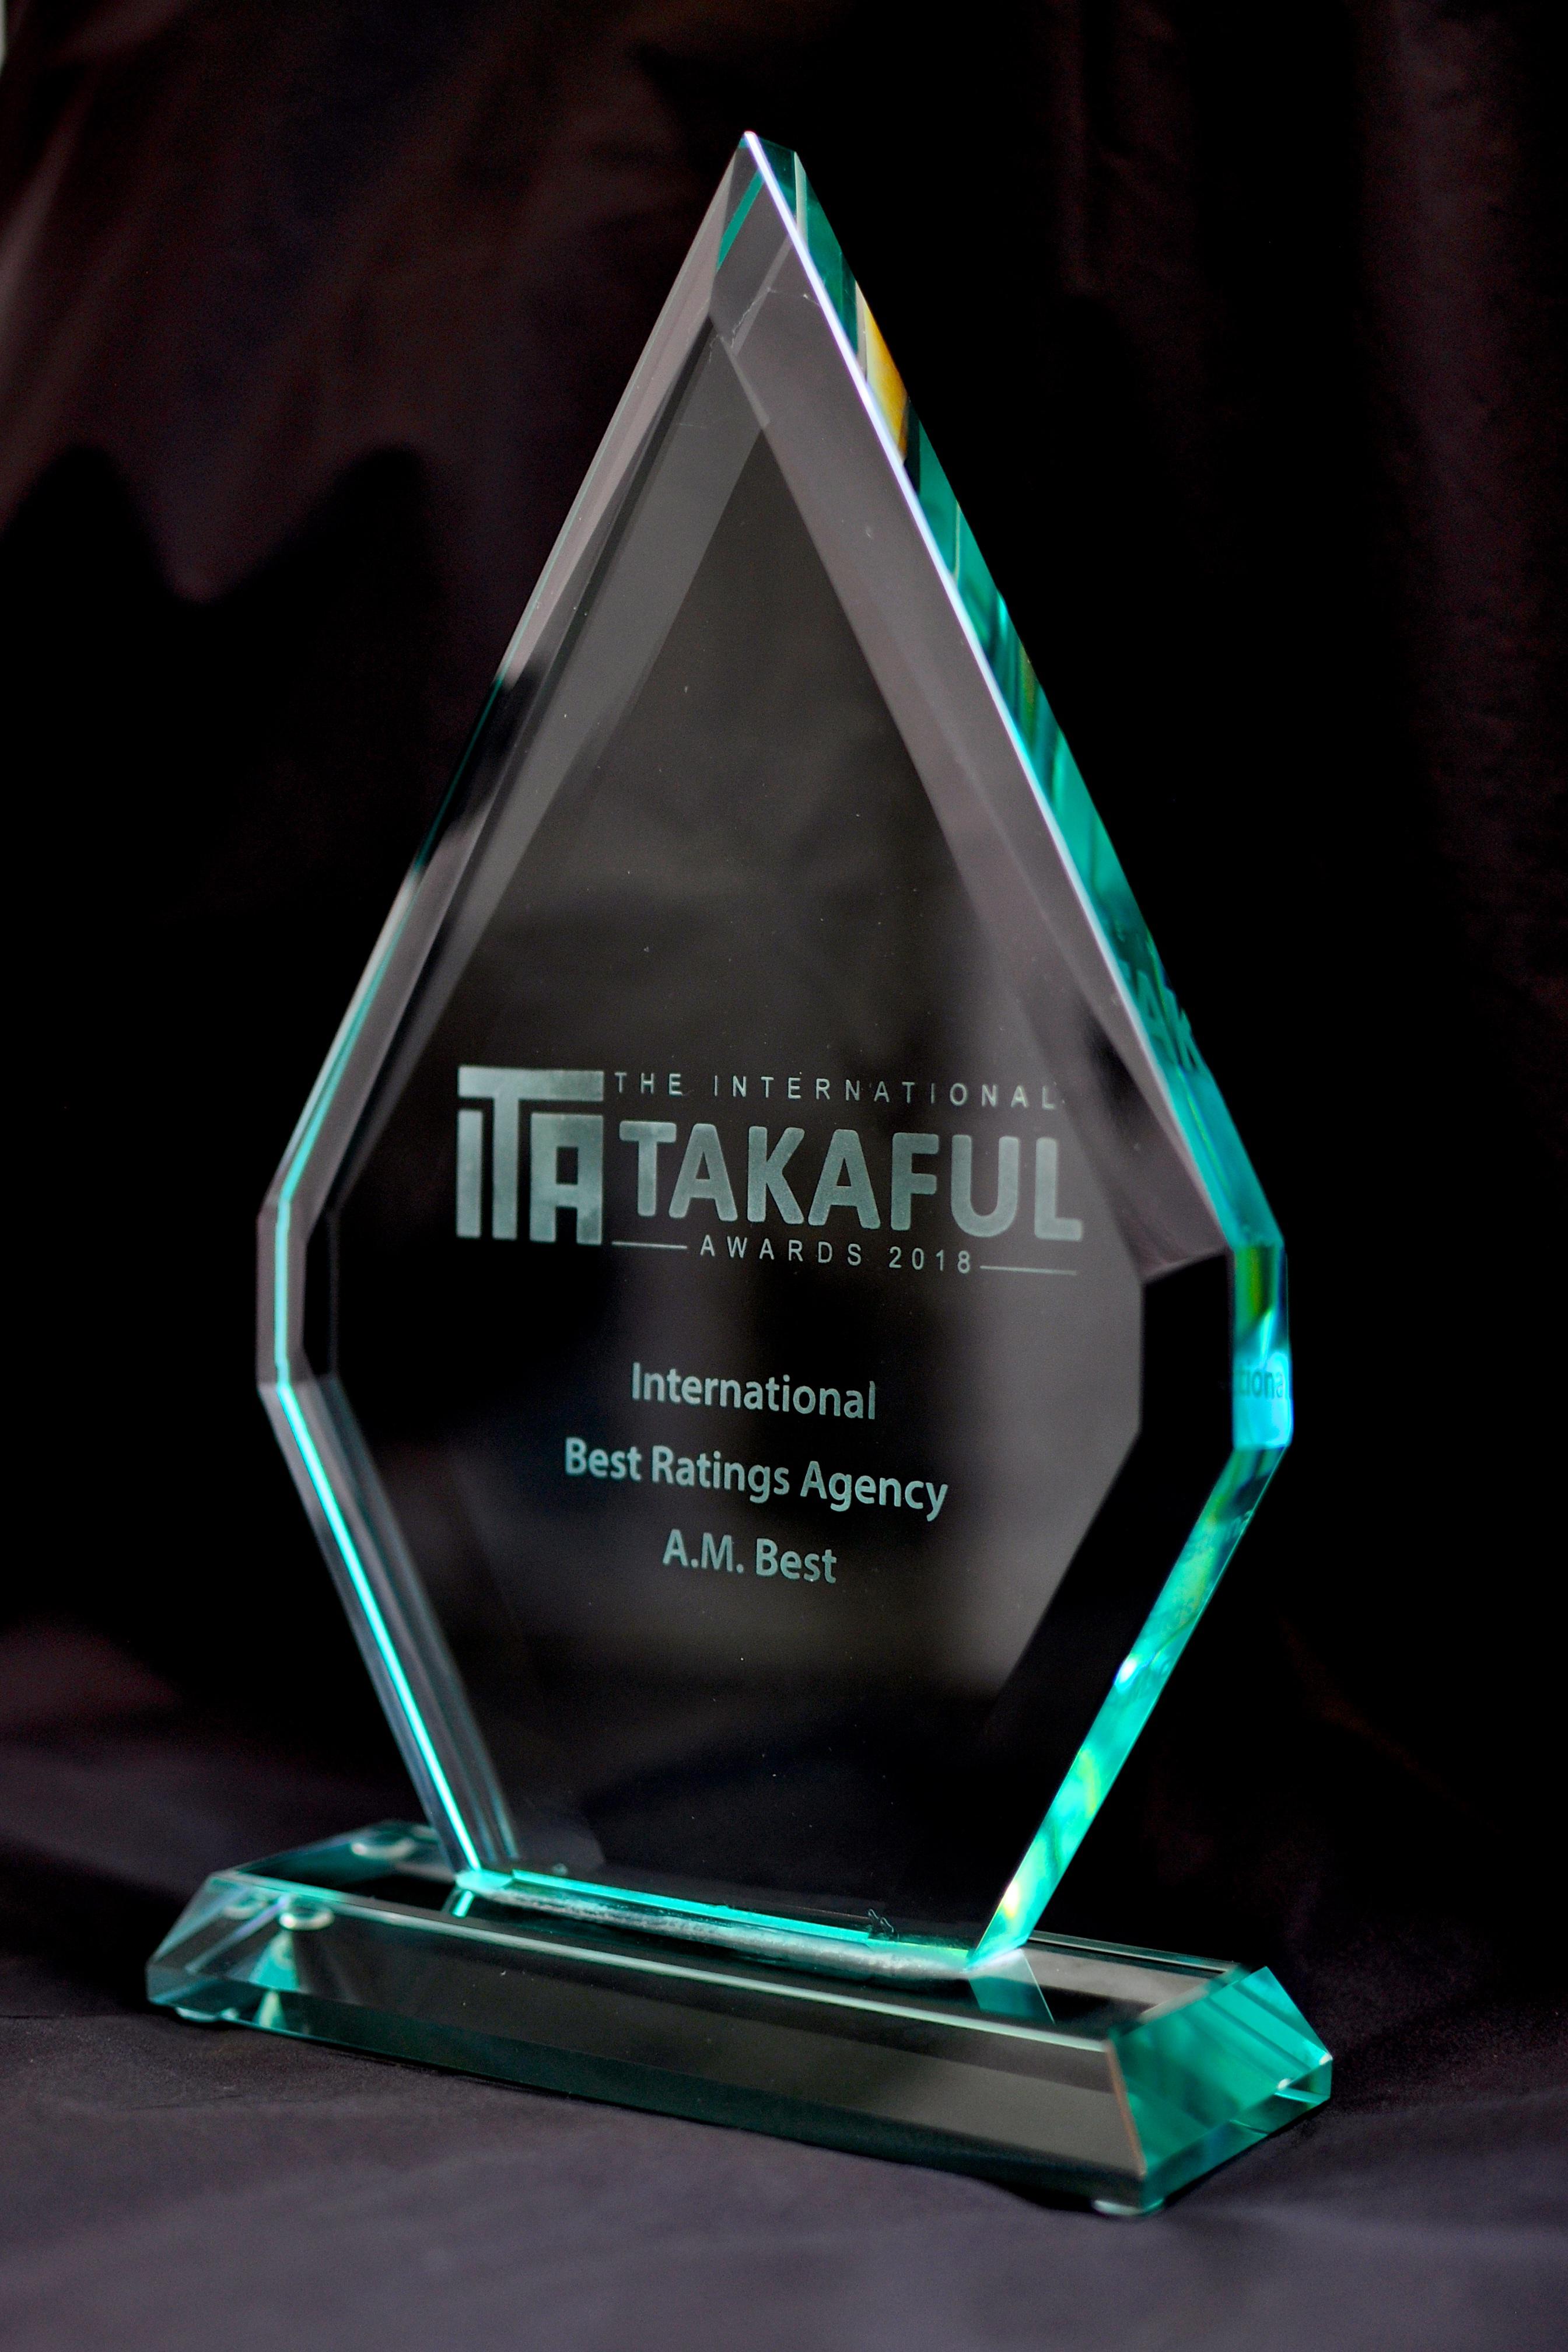 International Best Ratings Agency For Takaful 2018